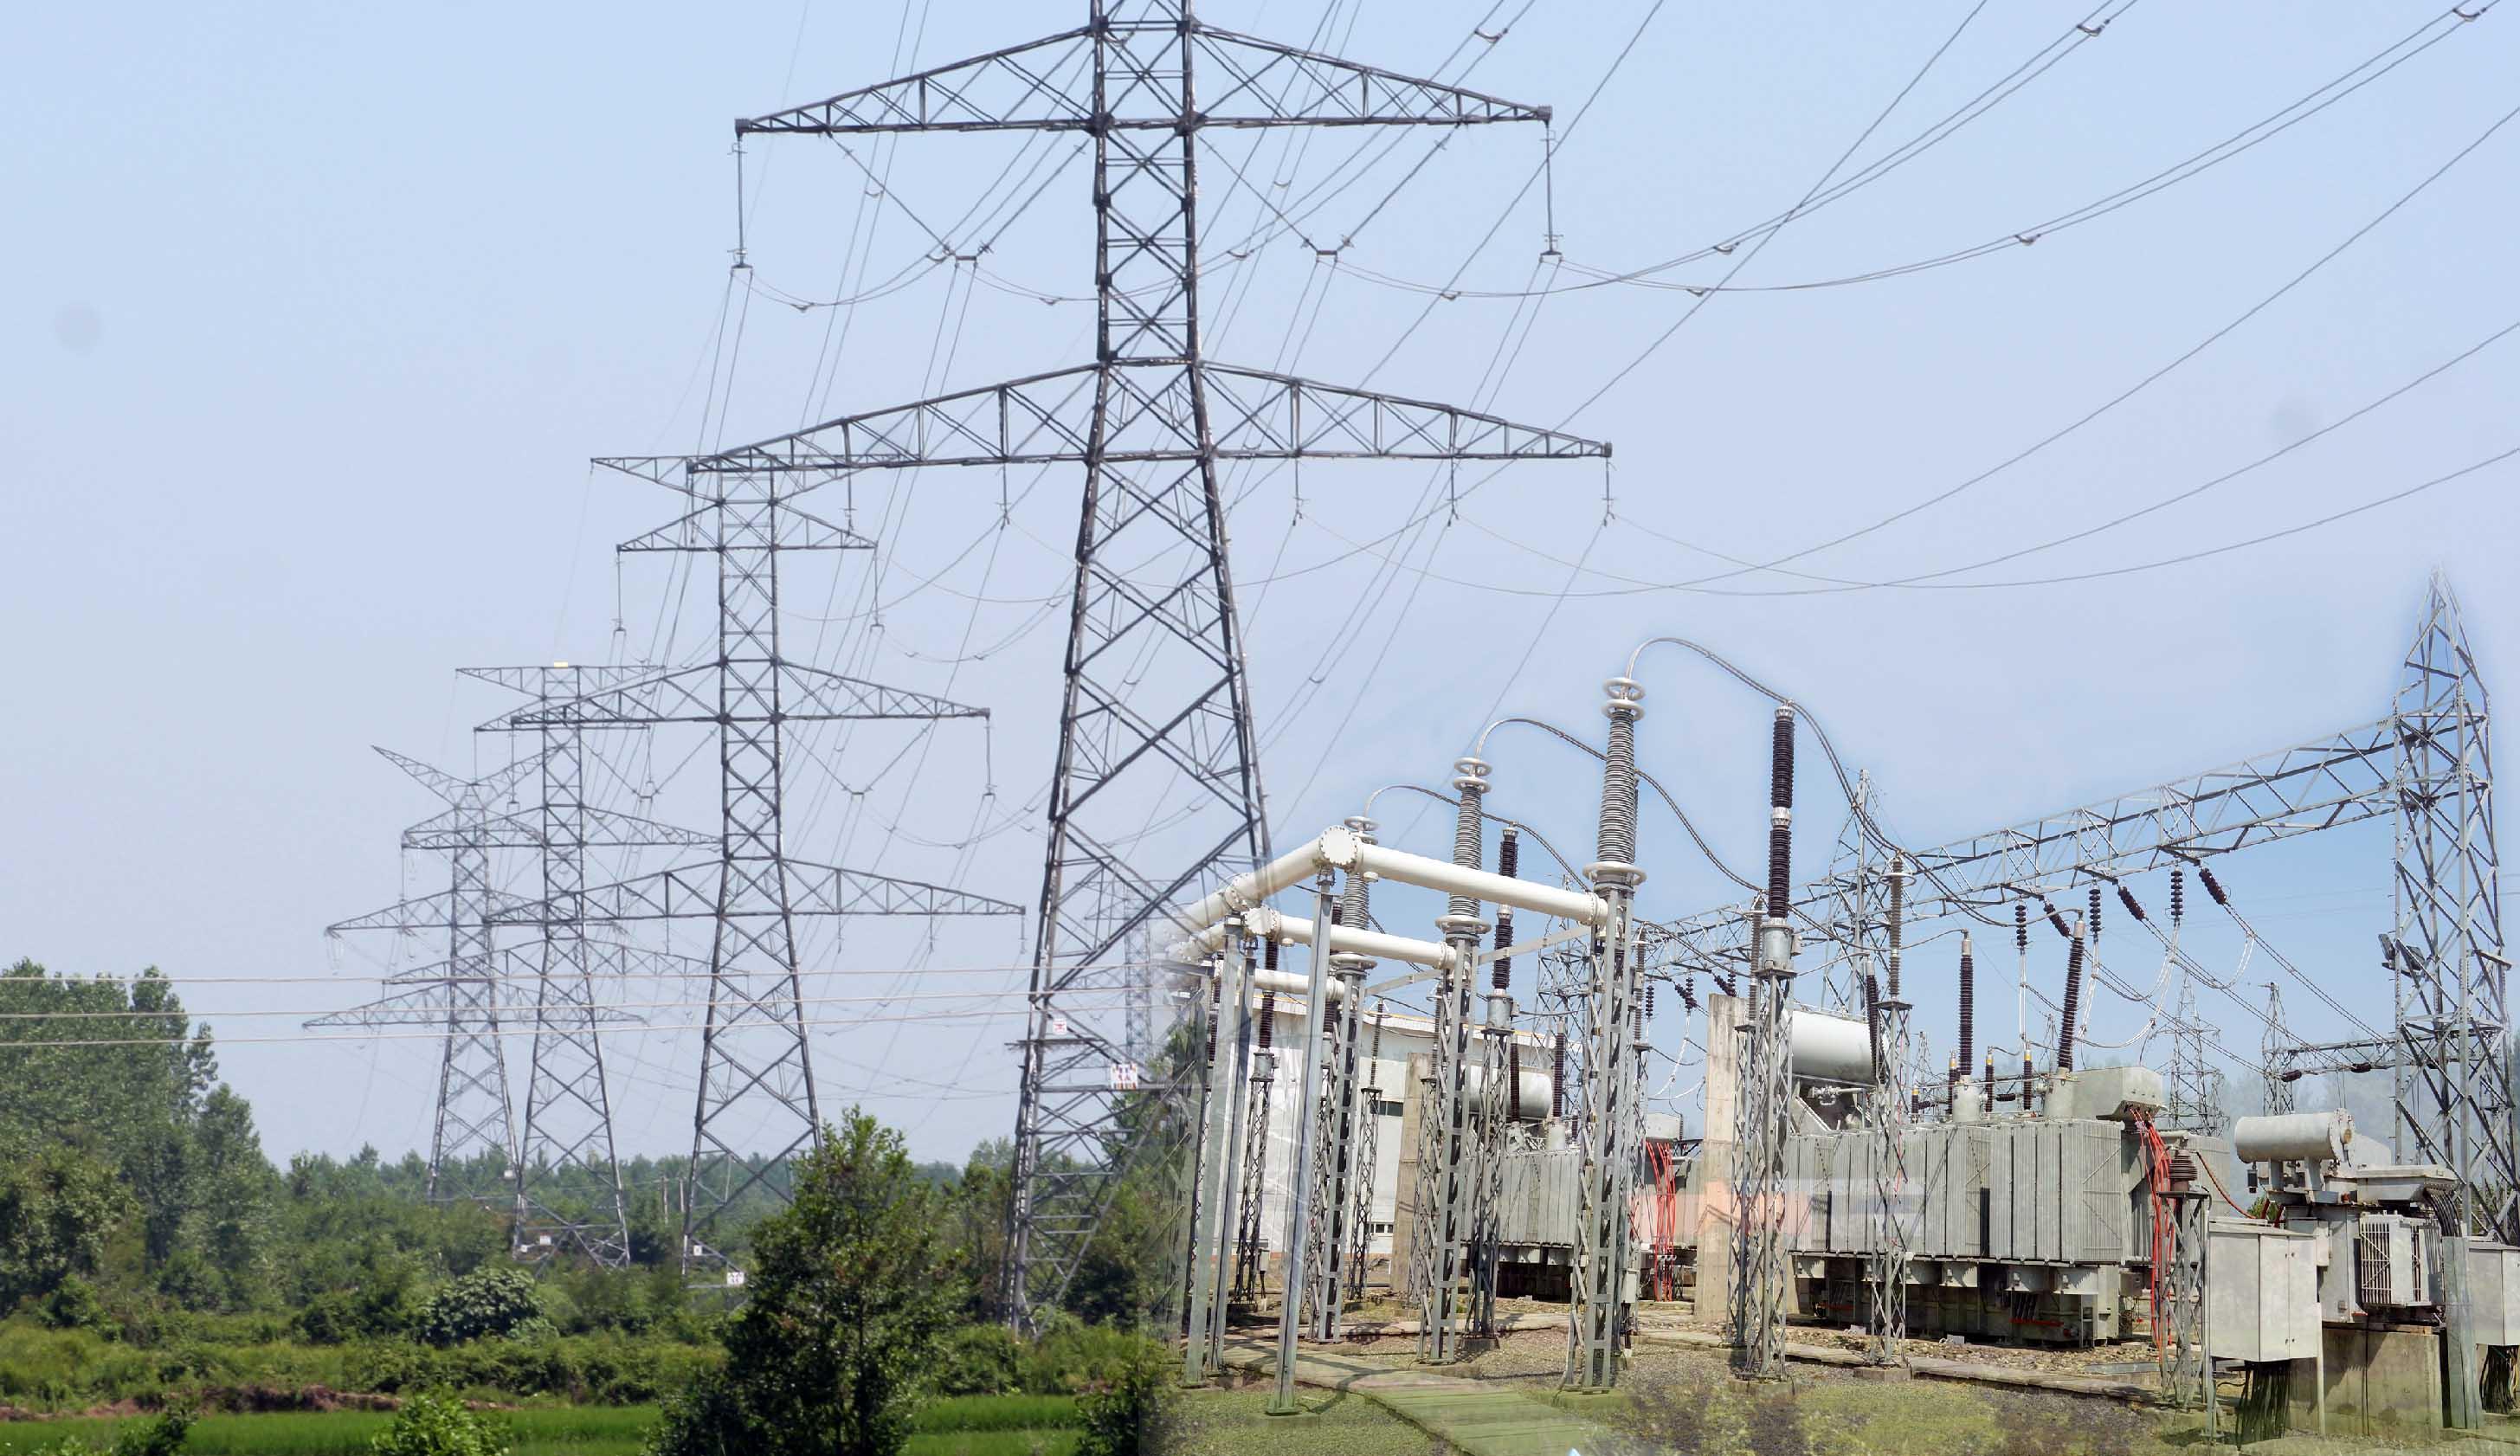 مدیر دفتر برنامه ریزی فنی و برآورد بار شرکت سهامی برق منطقه ای گیلان :  اجرای ۳۶ پروژه با استفاده از تسهیلات بانک آسیایی